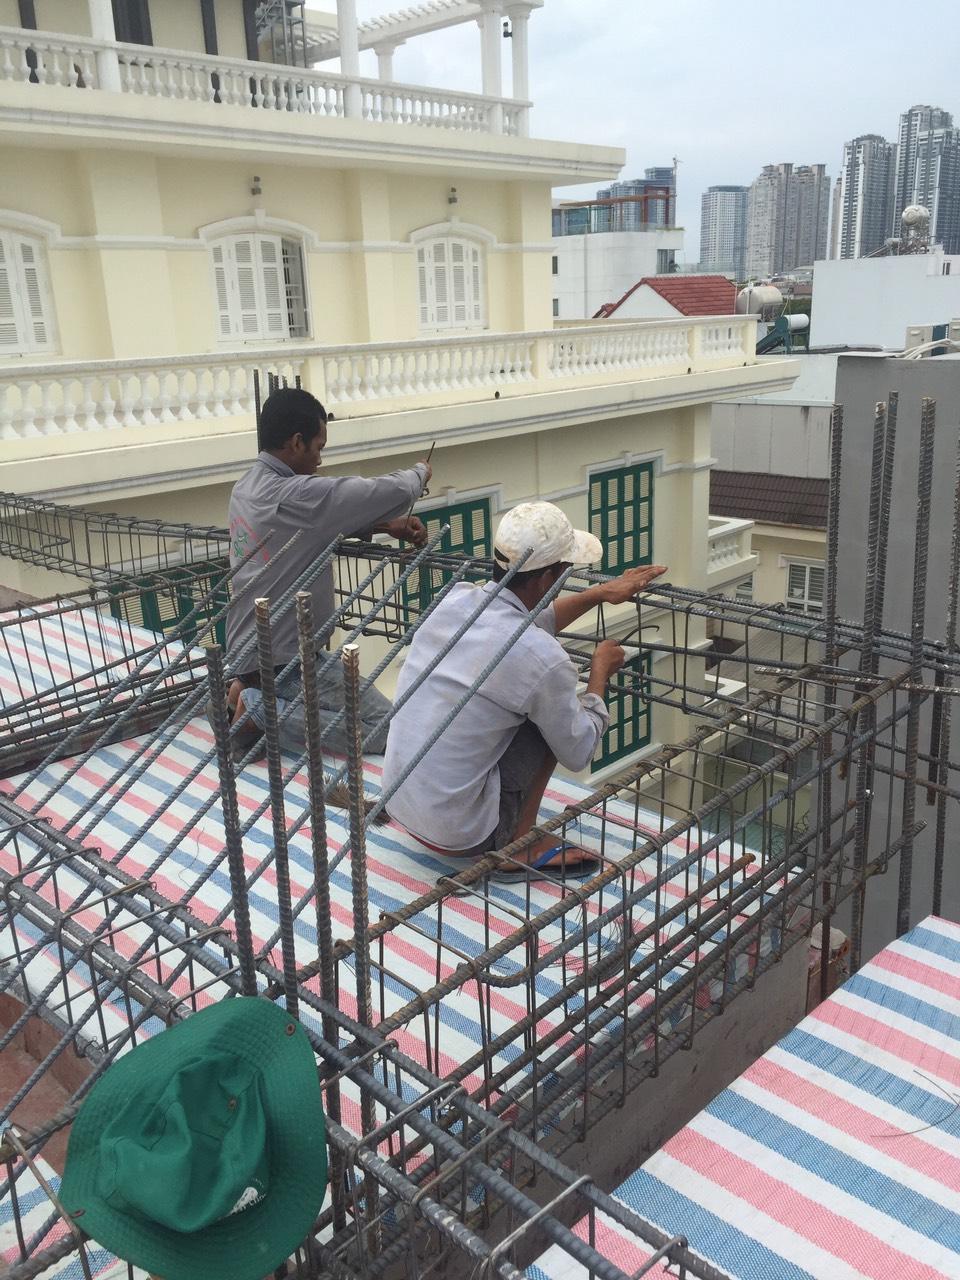 3c85bdb9c9522f0c7643 Lưu ý khi xây nhà